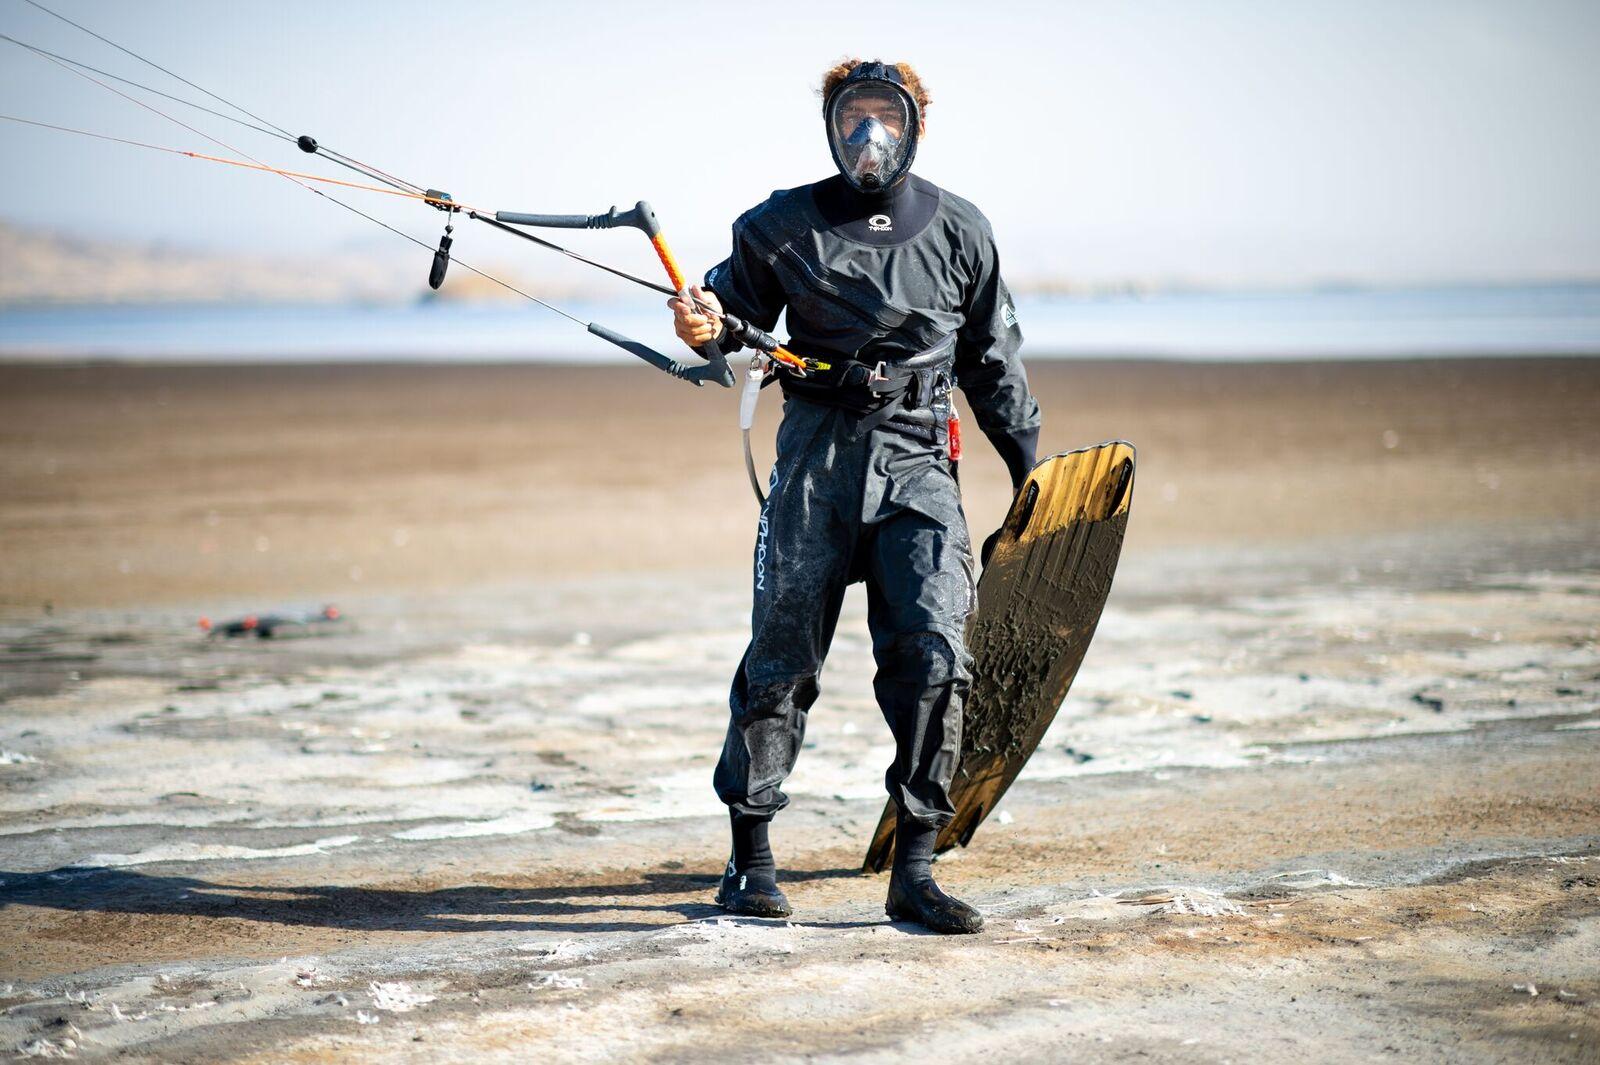 tpdK4dwg 2 Roderick Pijls trotseert hoge temperaturen op het giftige Lake Natron